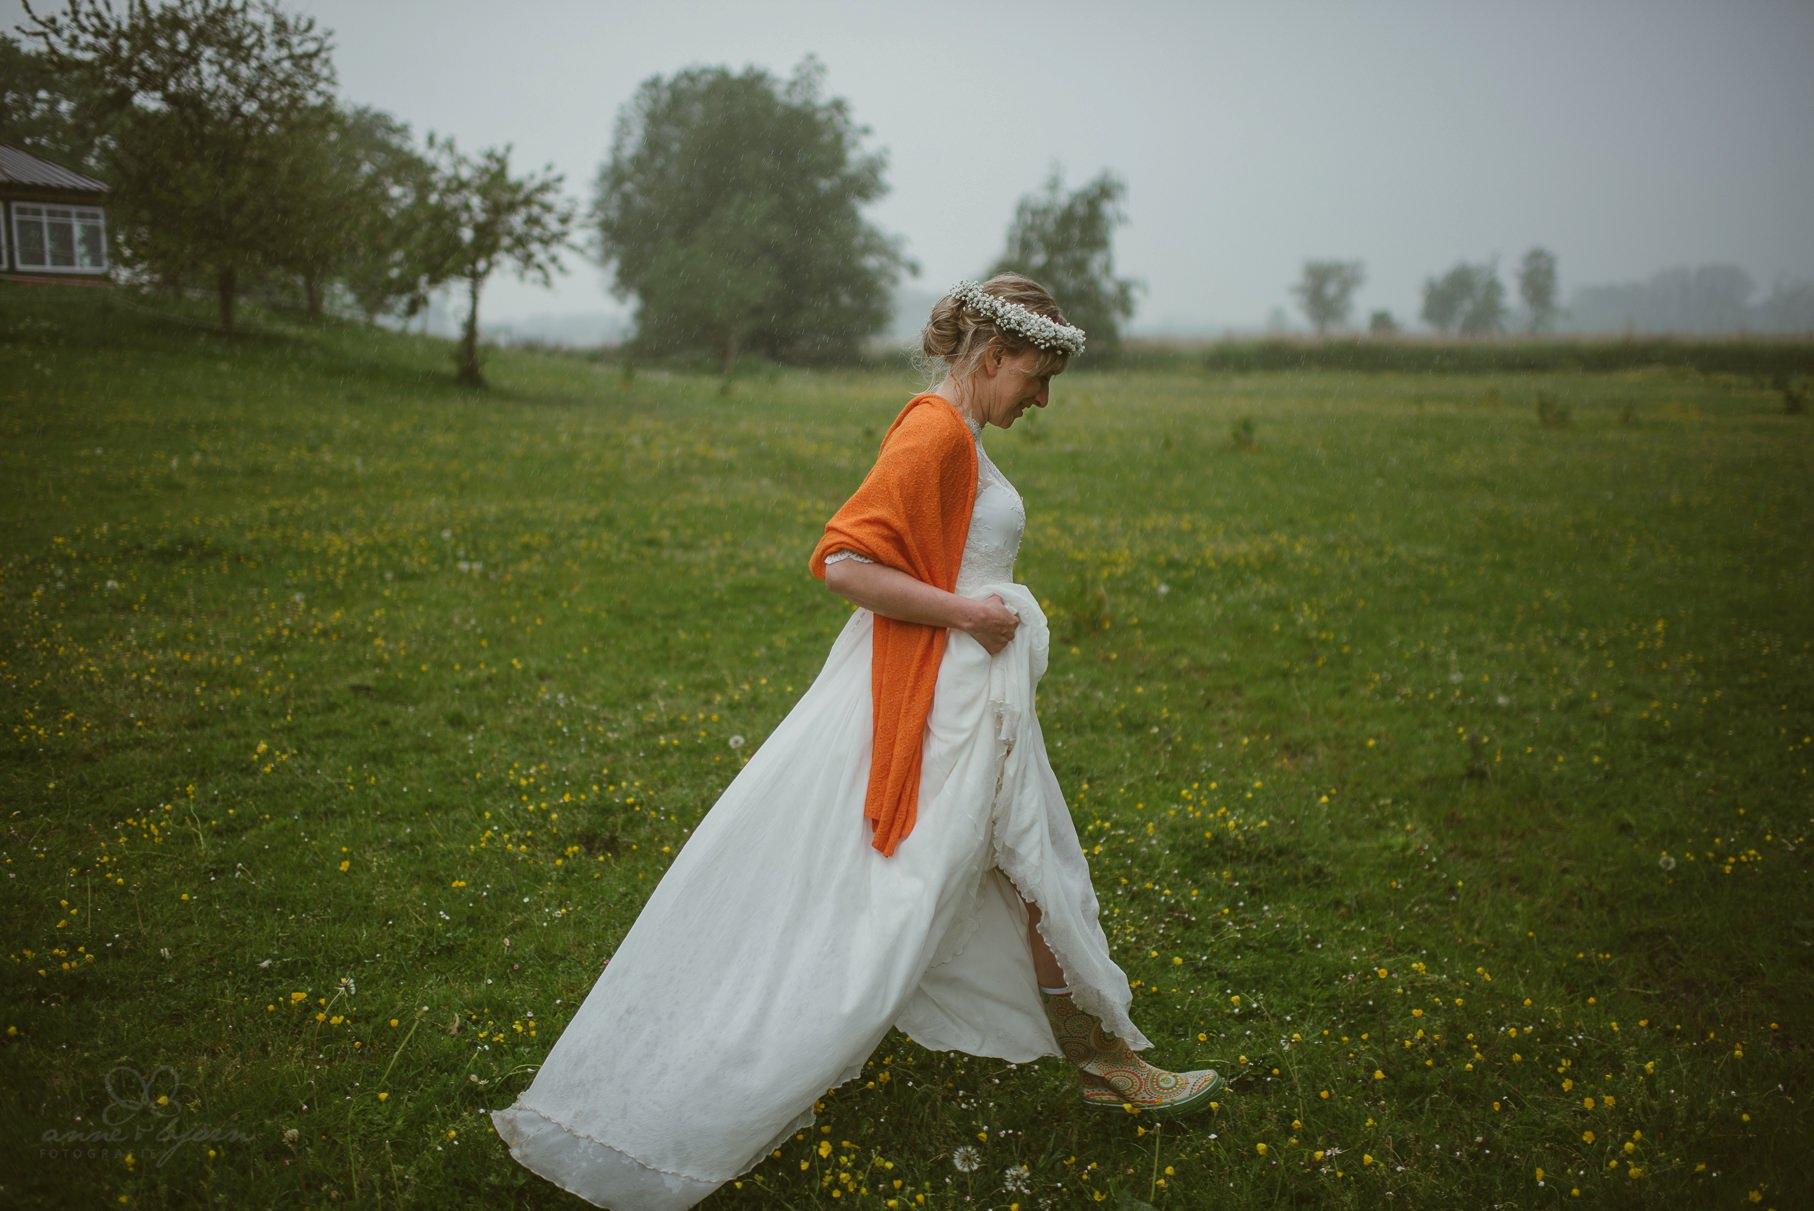 0124 anne und bjoern Manu und Sven D75 1073 1 - DIY Hochzeit im Erdhaus auf dem alten Land - Manuela & Sven